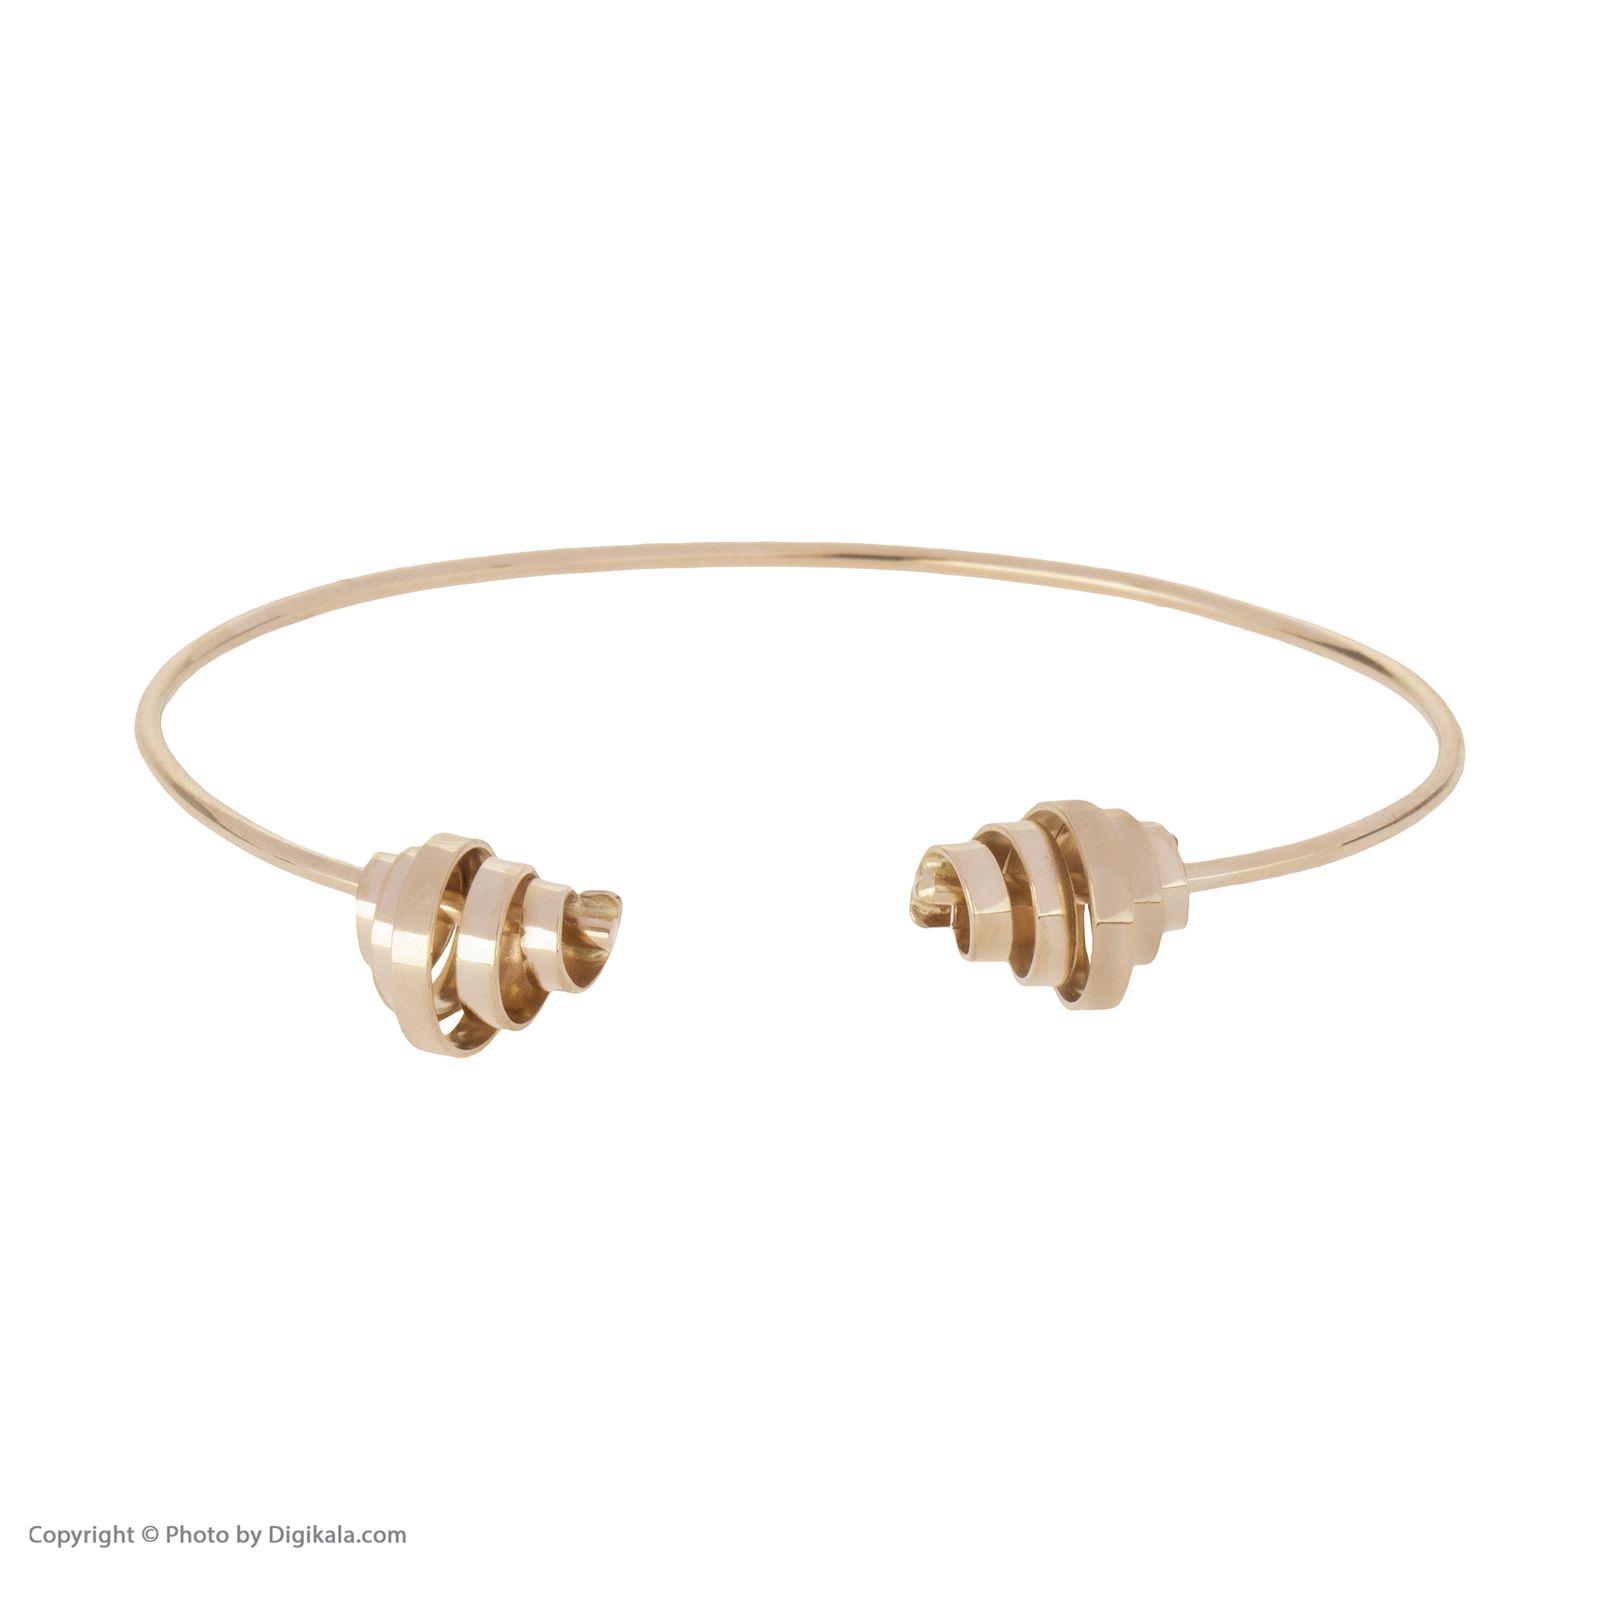 دستبند النگویی طلا 18 عیار زنانه سنجاق مدل X071474 -  - 4